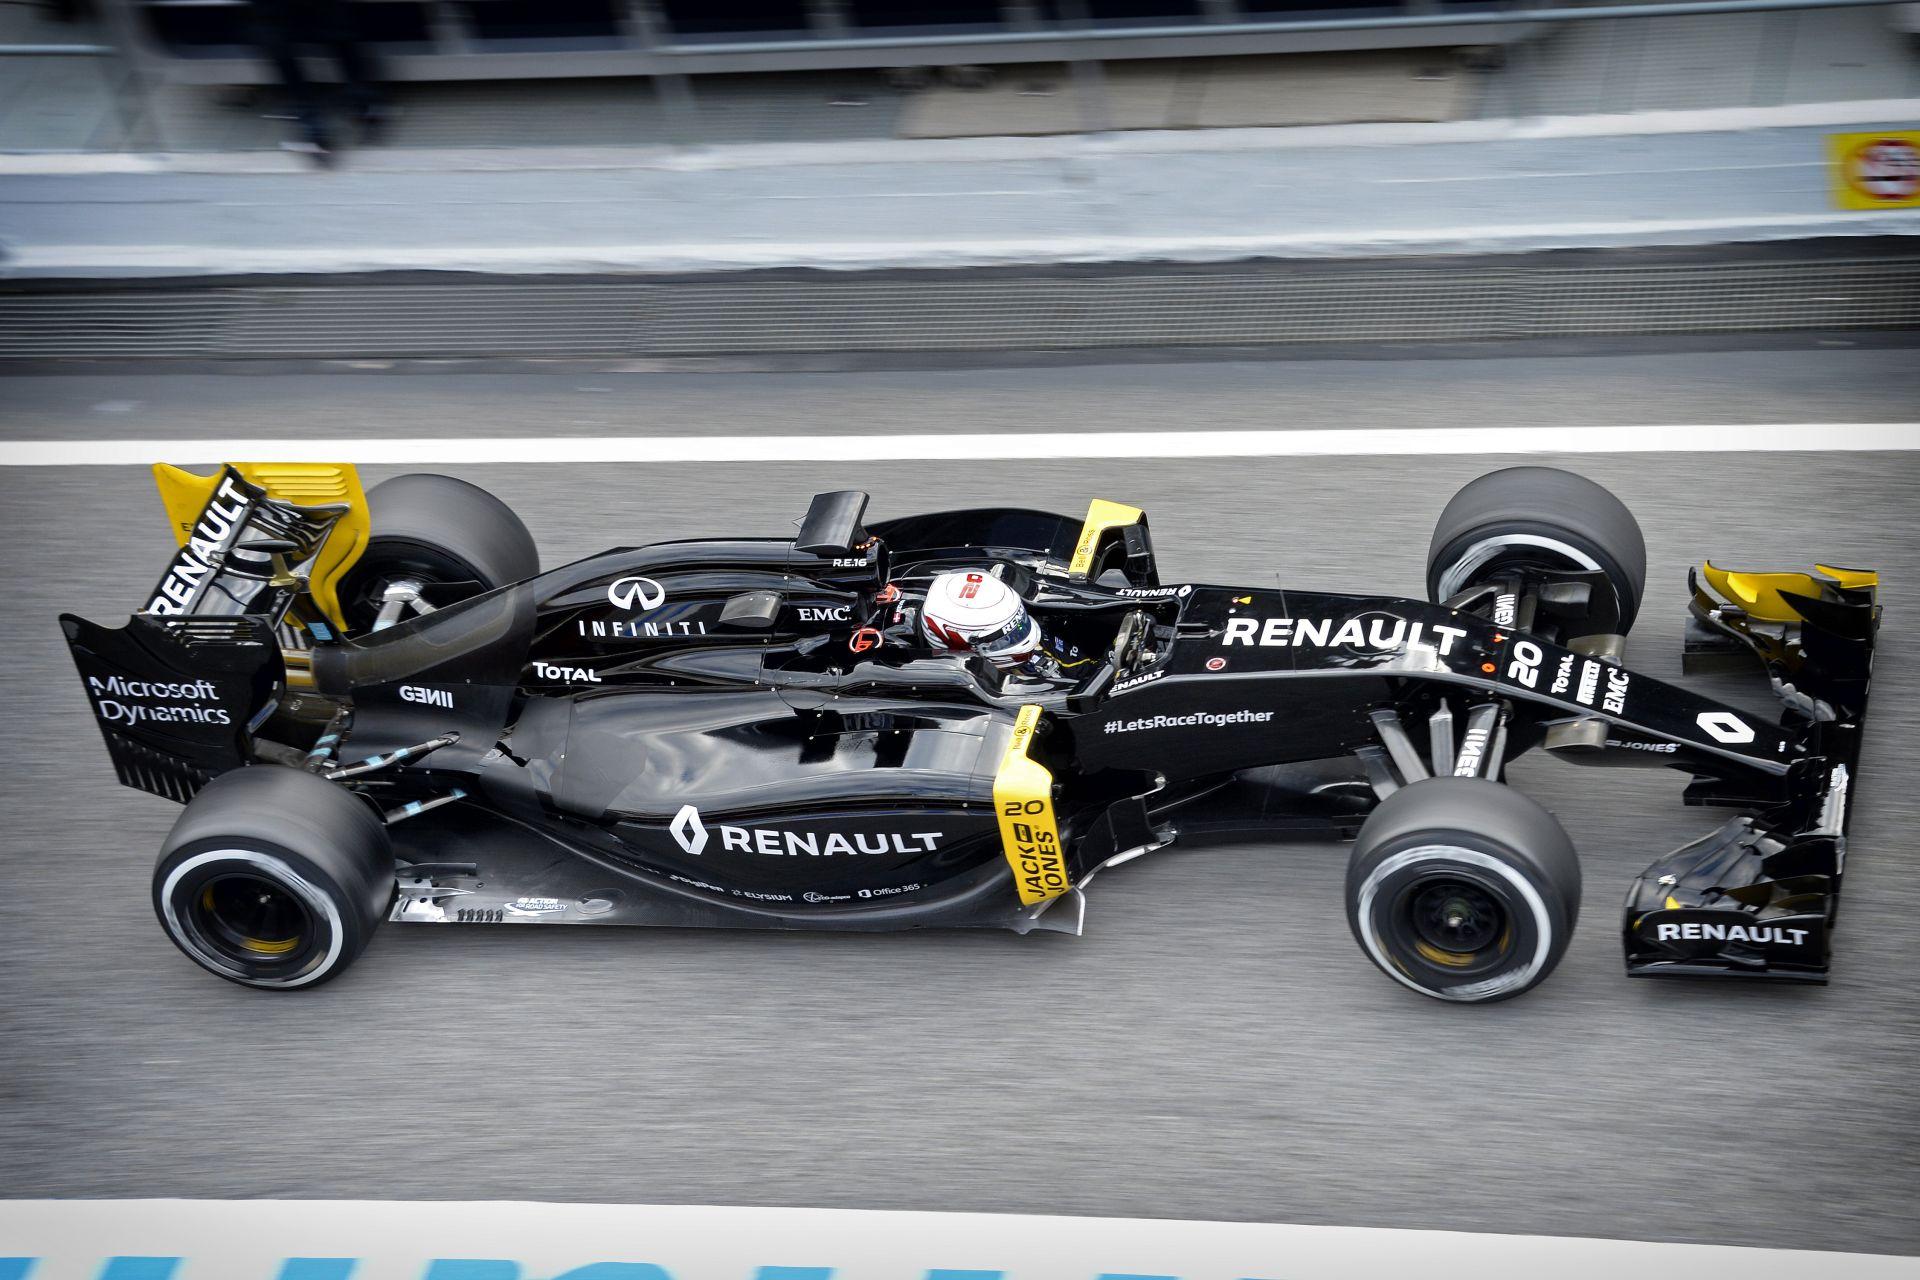 Egyre megbízhatóbb és versenyképesebb a gyári Renault a Forma-1-ben